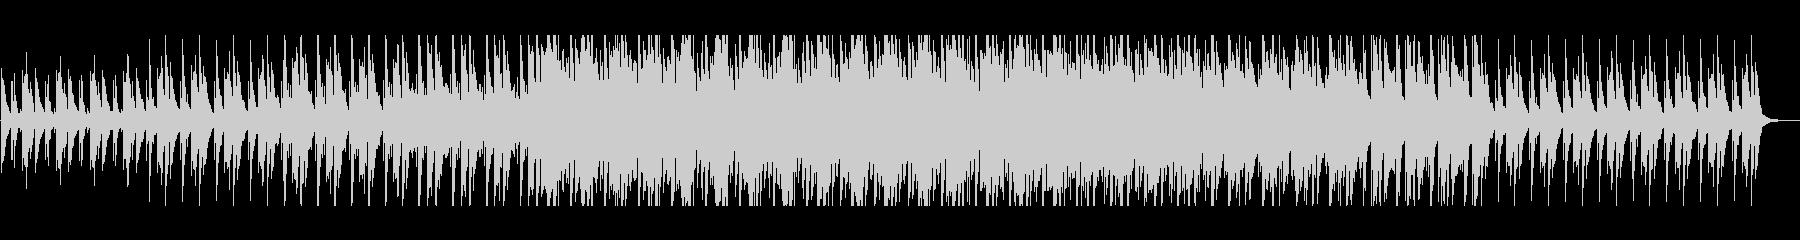 木琴とピアノの浮遊感あるループした曲の未再生の波形